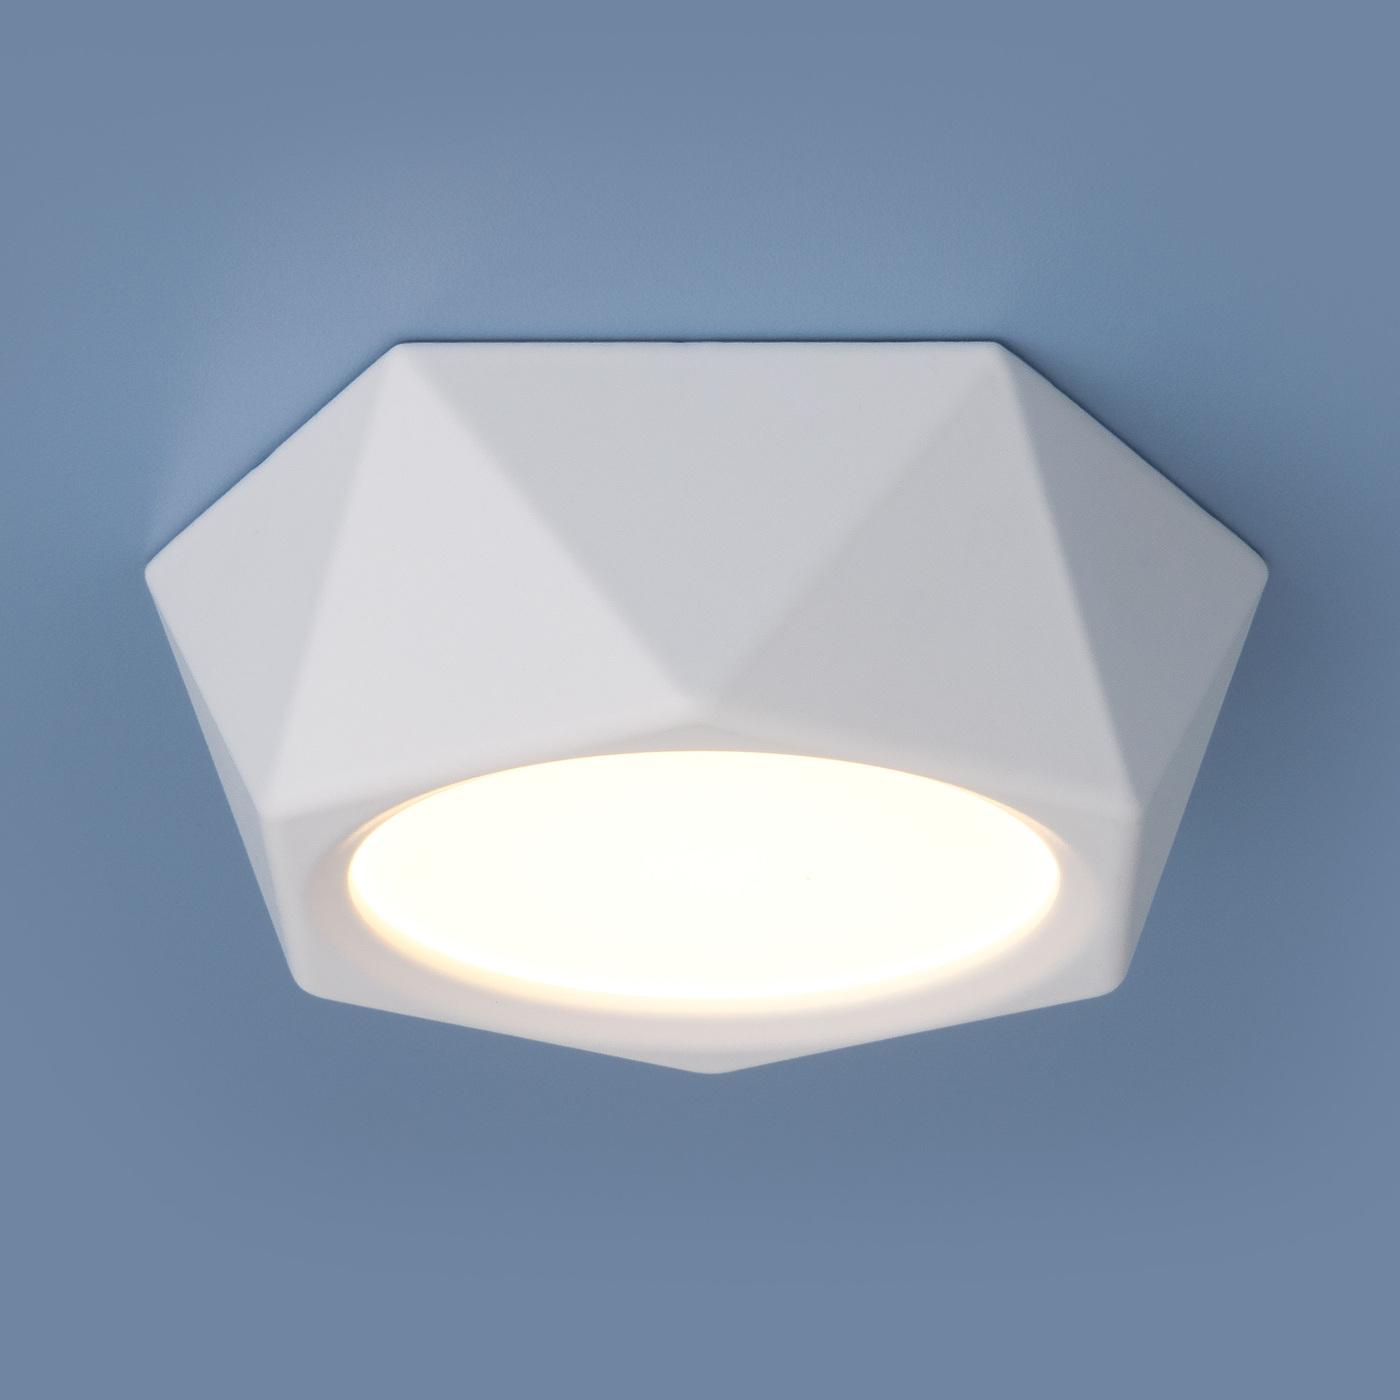 DLR027 6W 4200K / Светильник светодиодный стационарный белый матовый